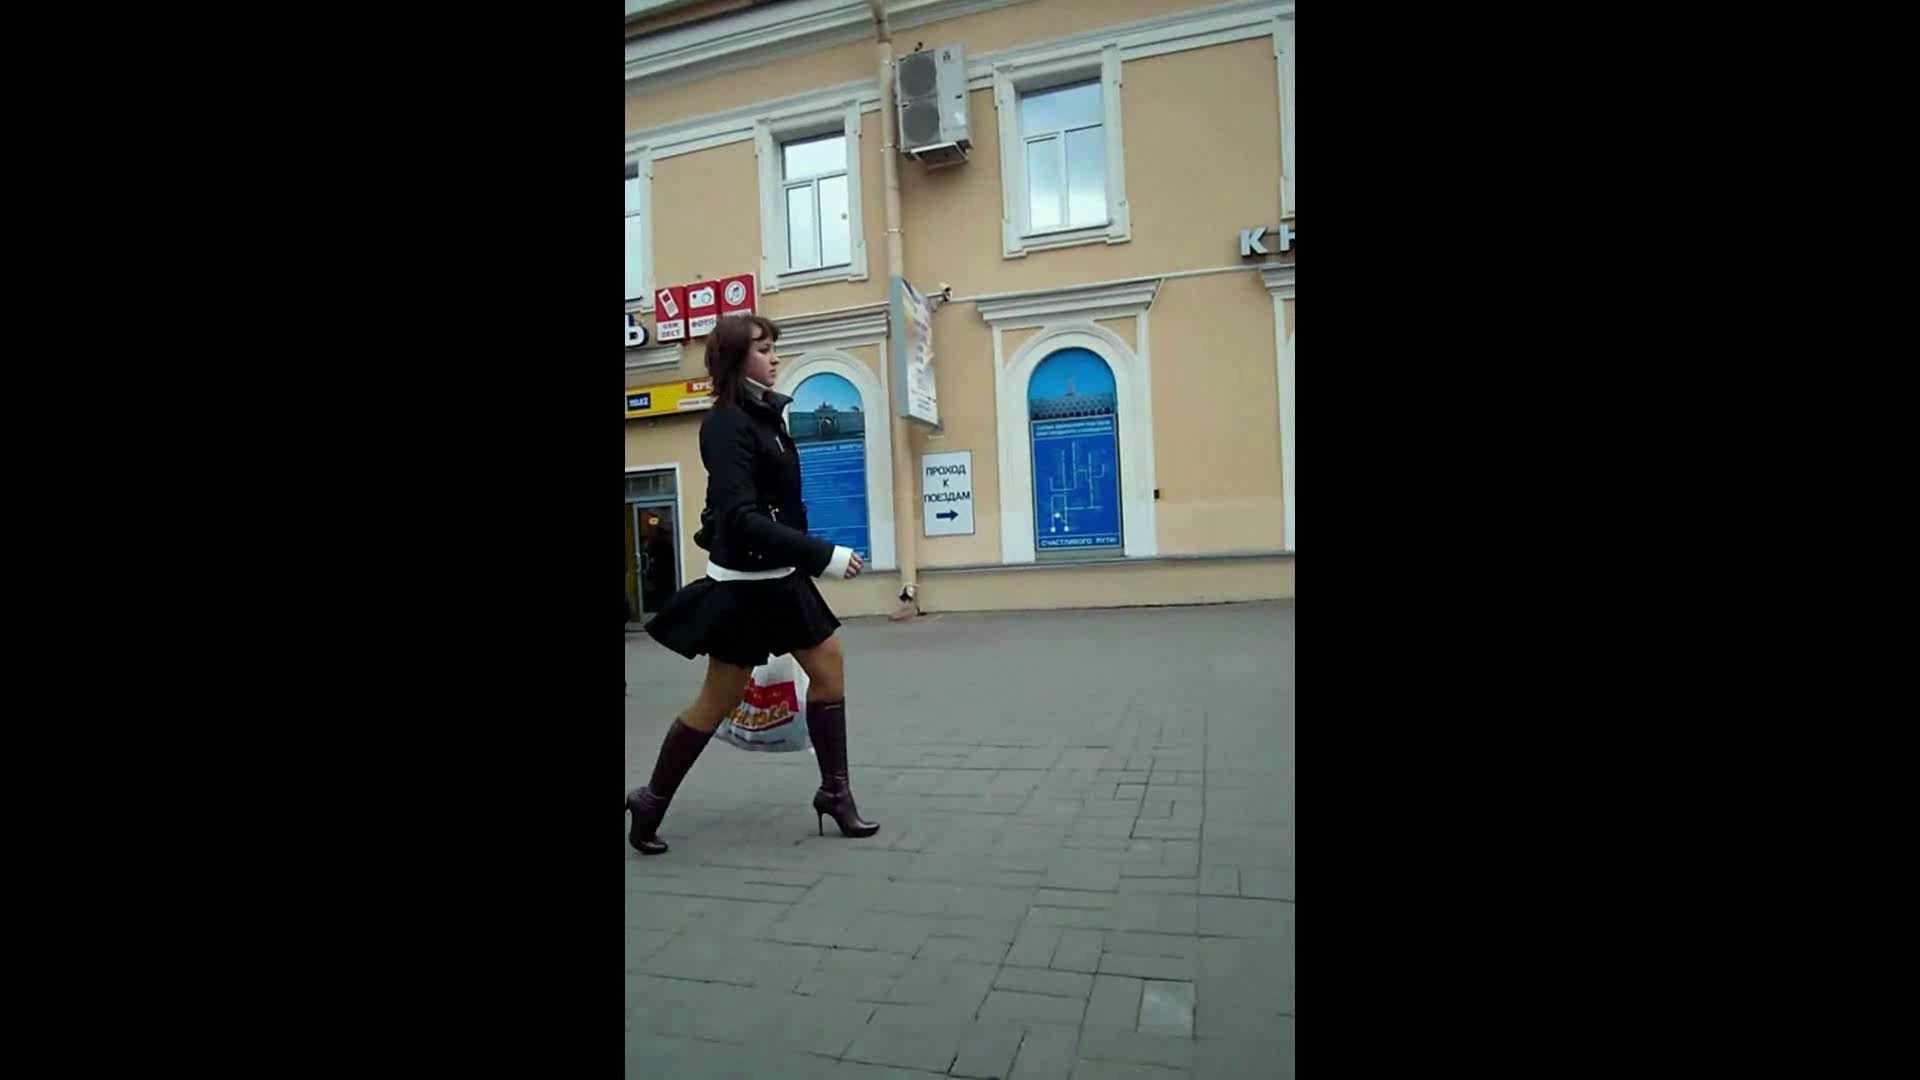 綺麗なモデルさんのスカート捲っちゃおう‼vol03 Hなお姉さん | 0  98pic 5